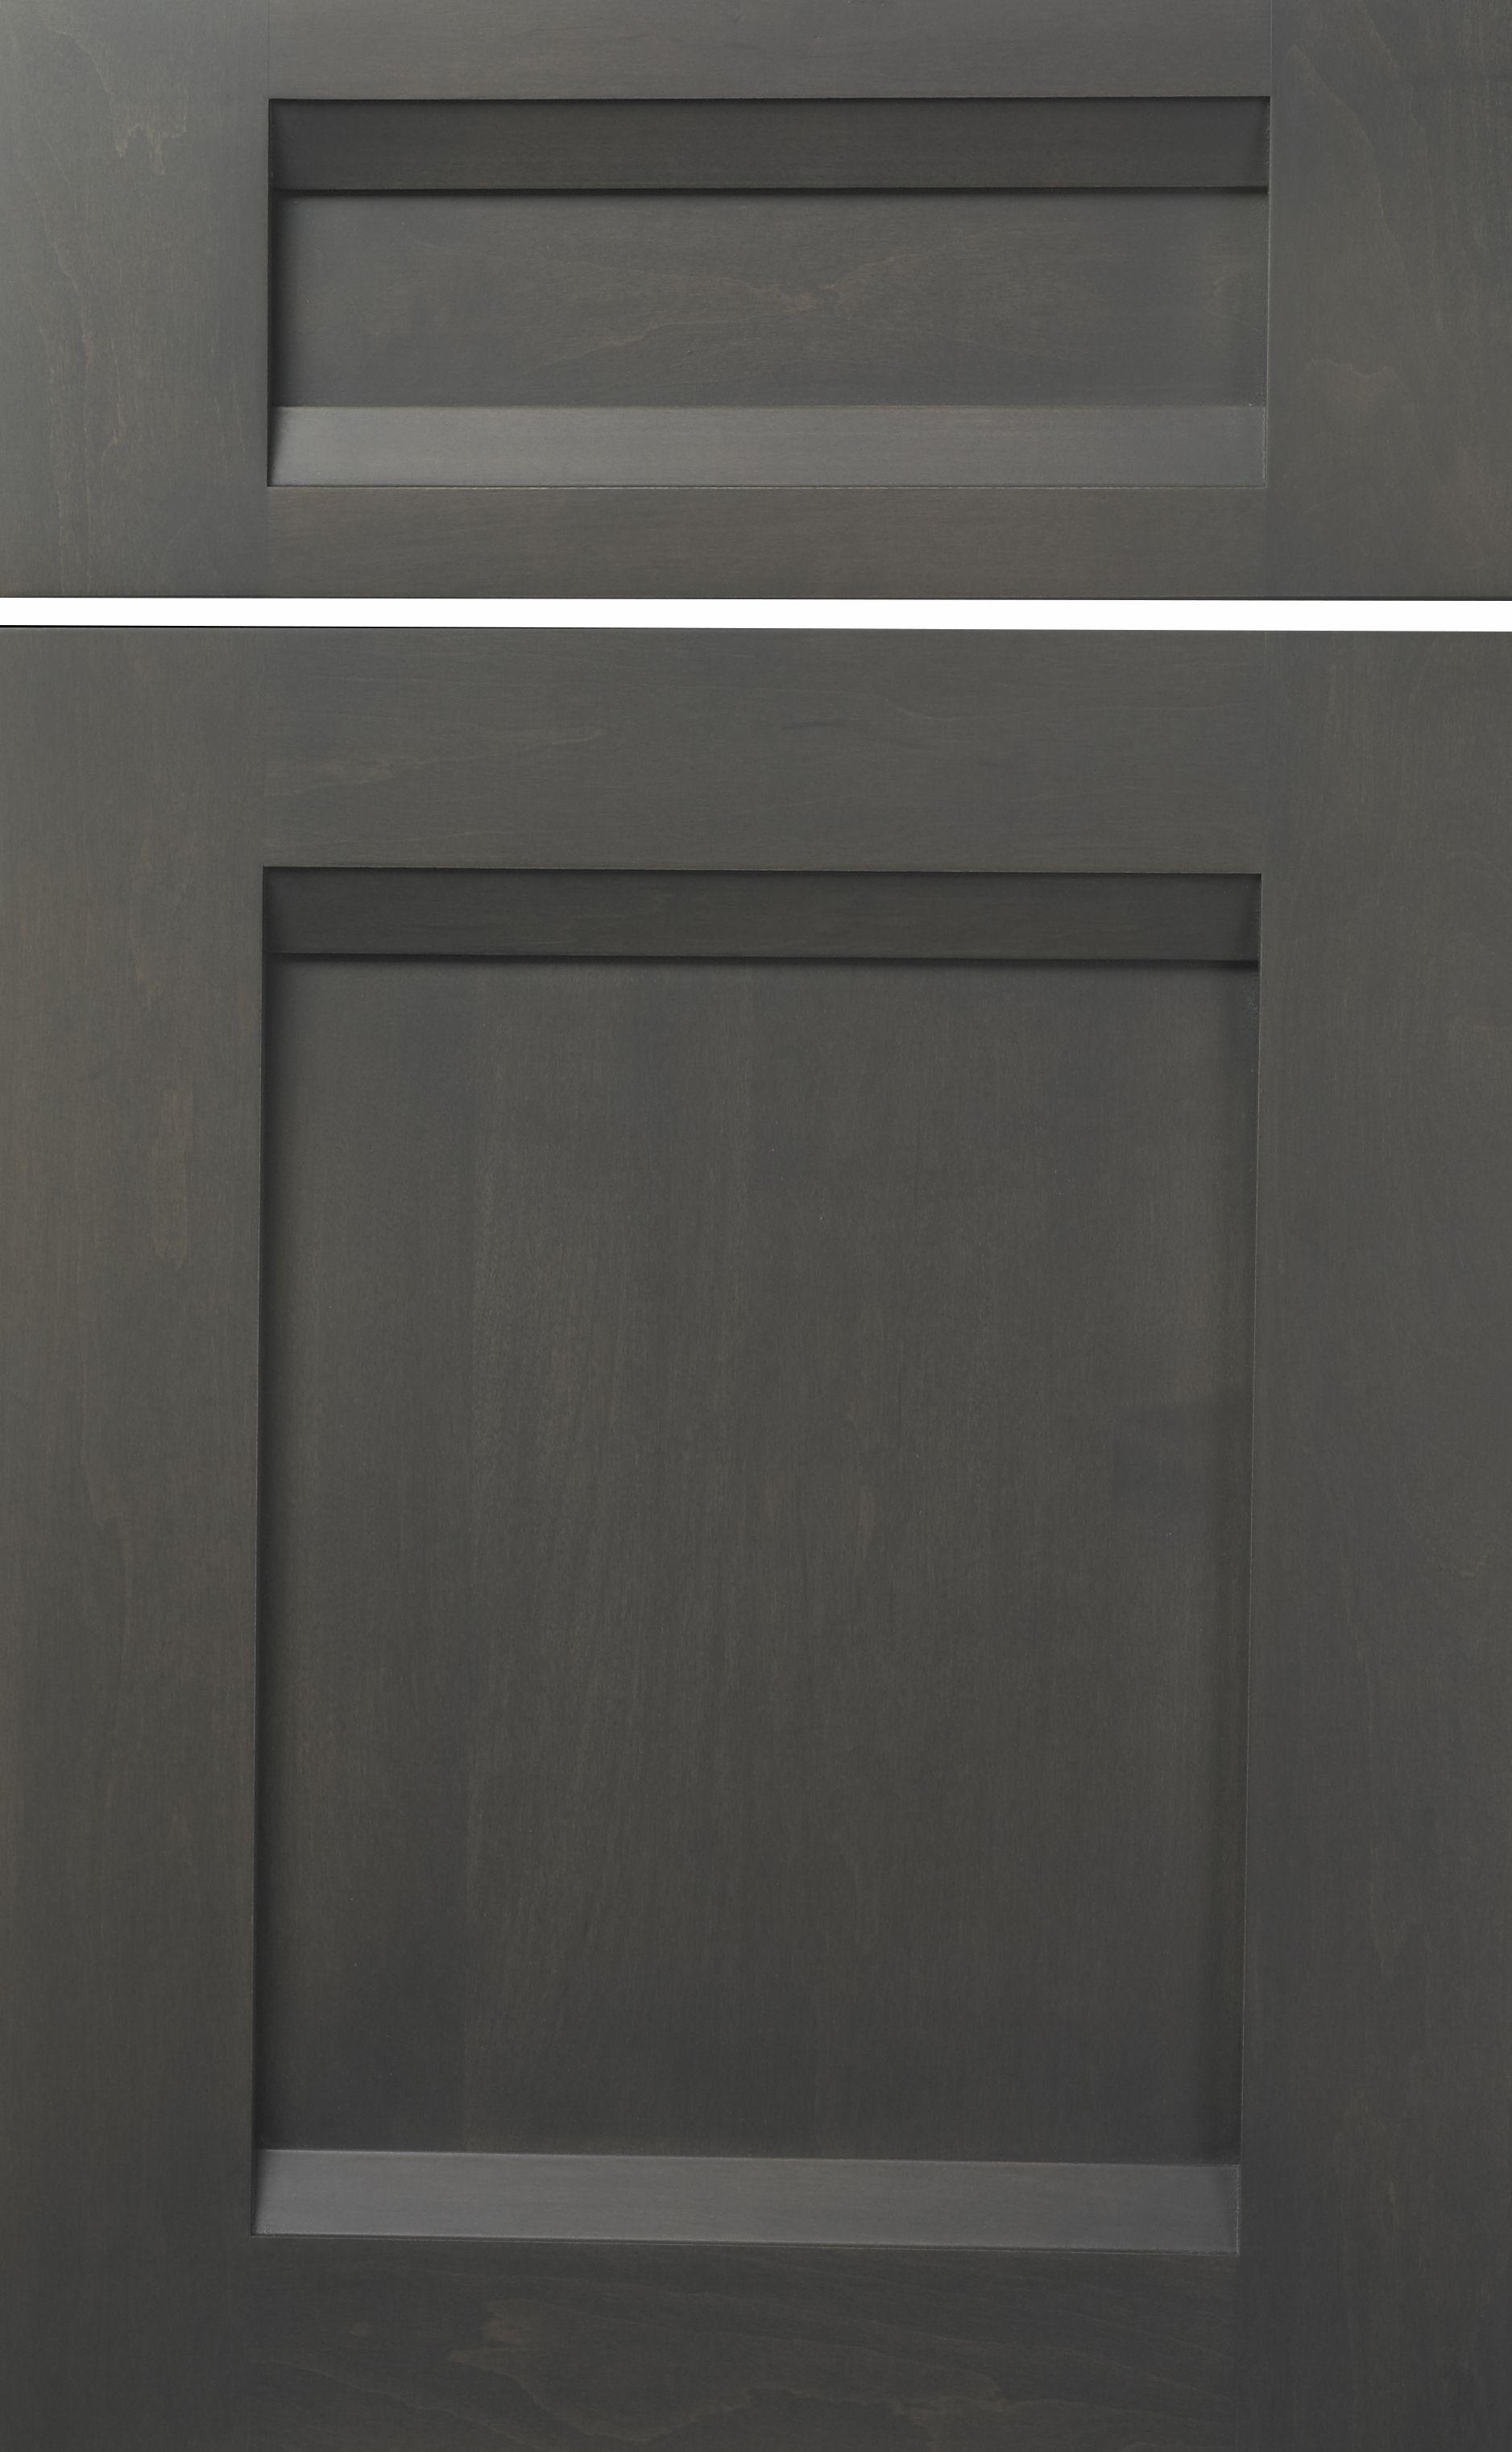 Recessed Door Amp Monoprice Z Wave Plus Recessed Door Window